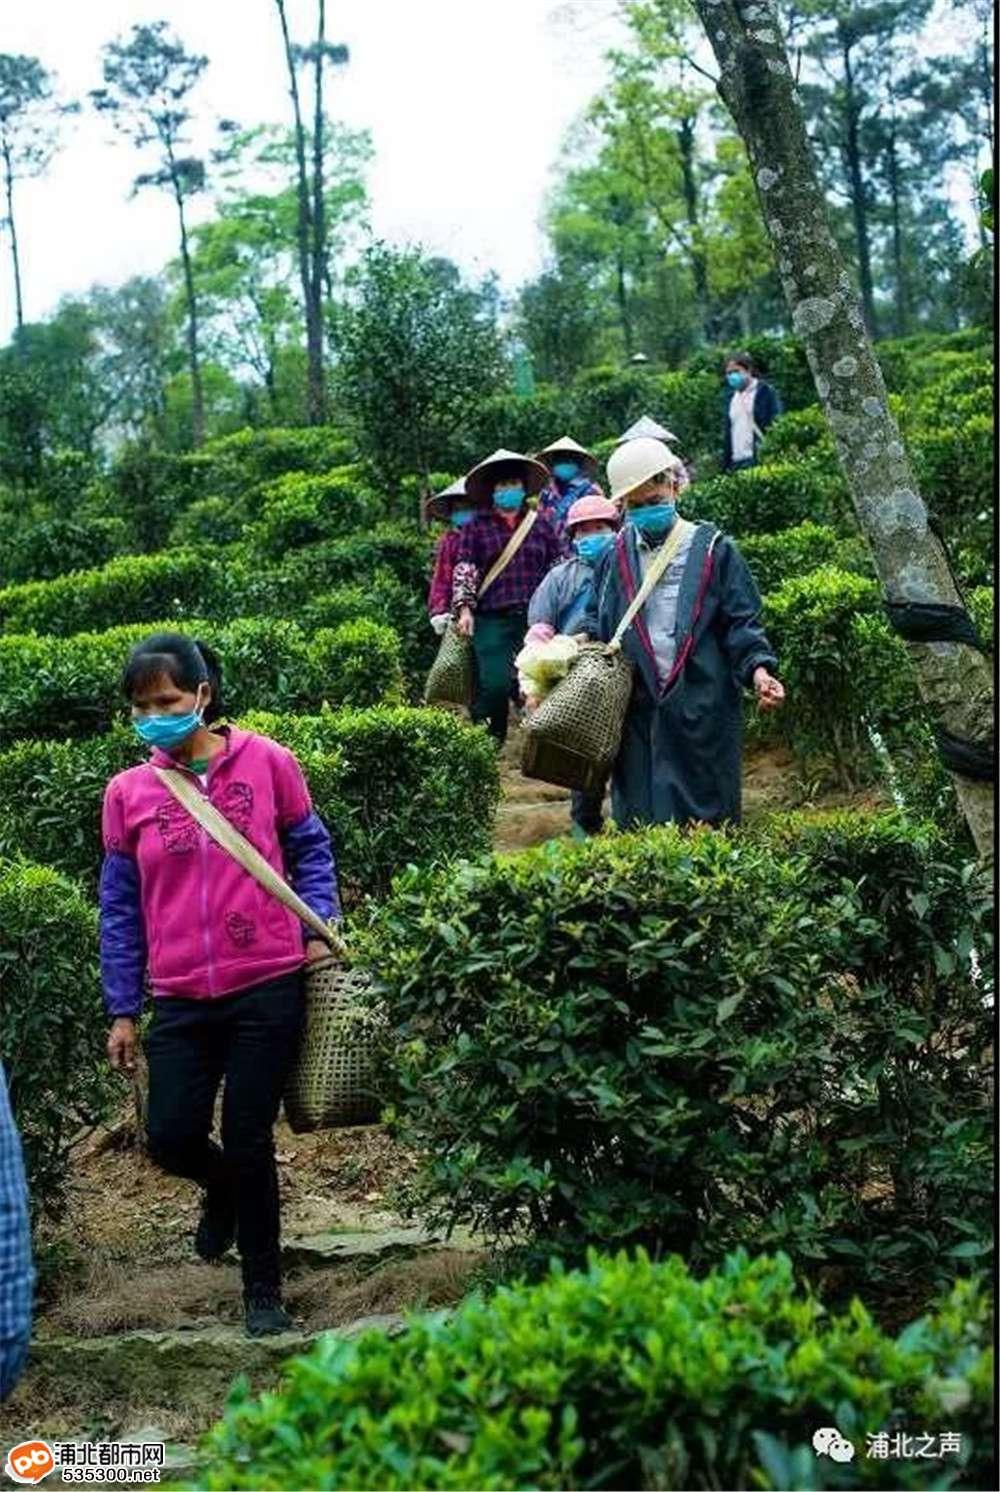 浦北石祖生态茶园复工复产,近百名群众上山摘春茶